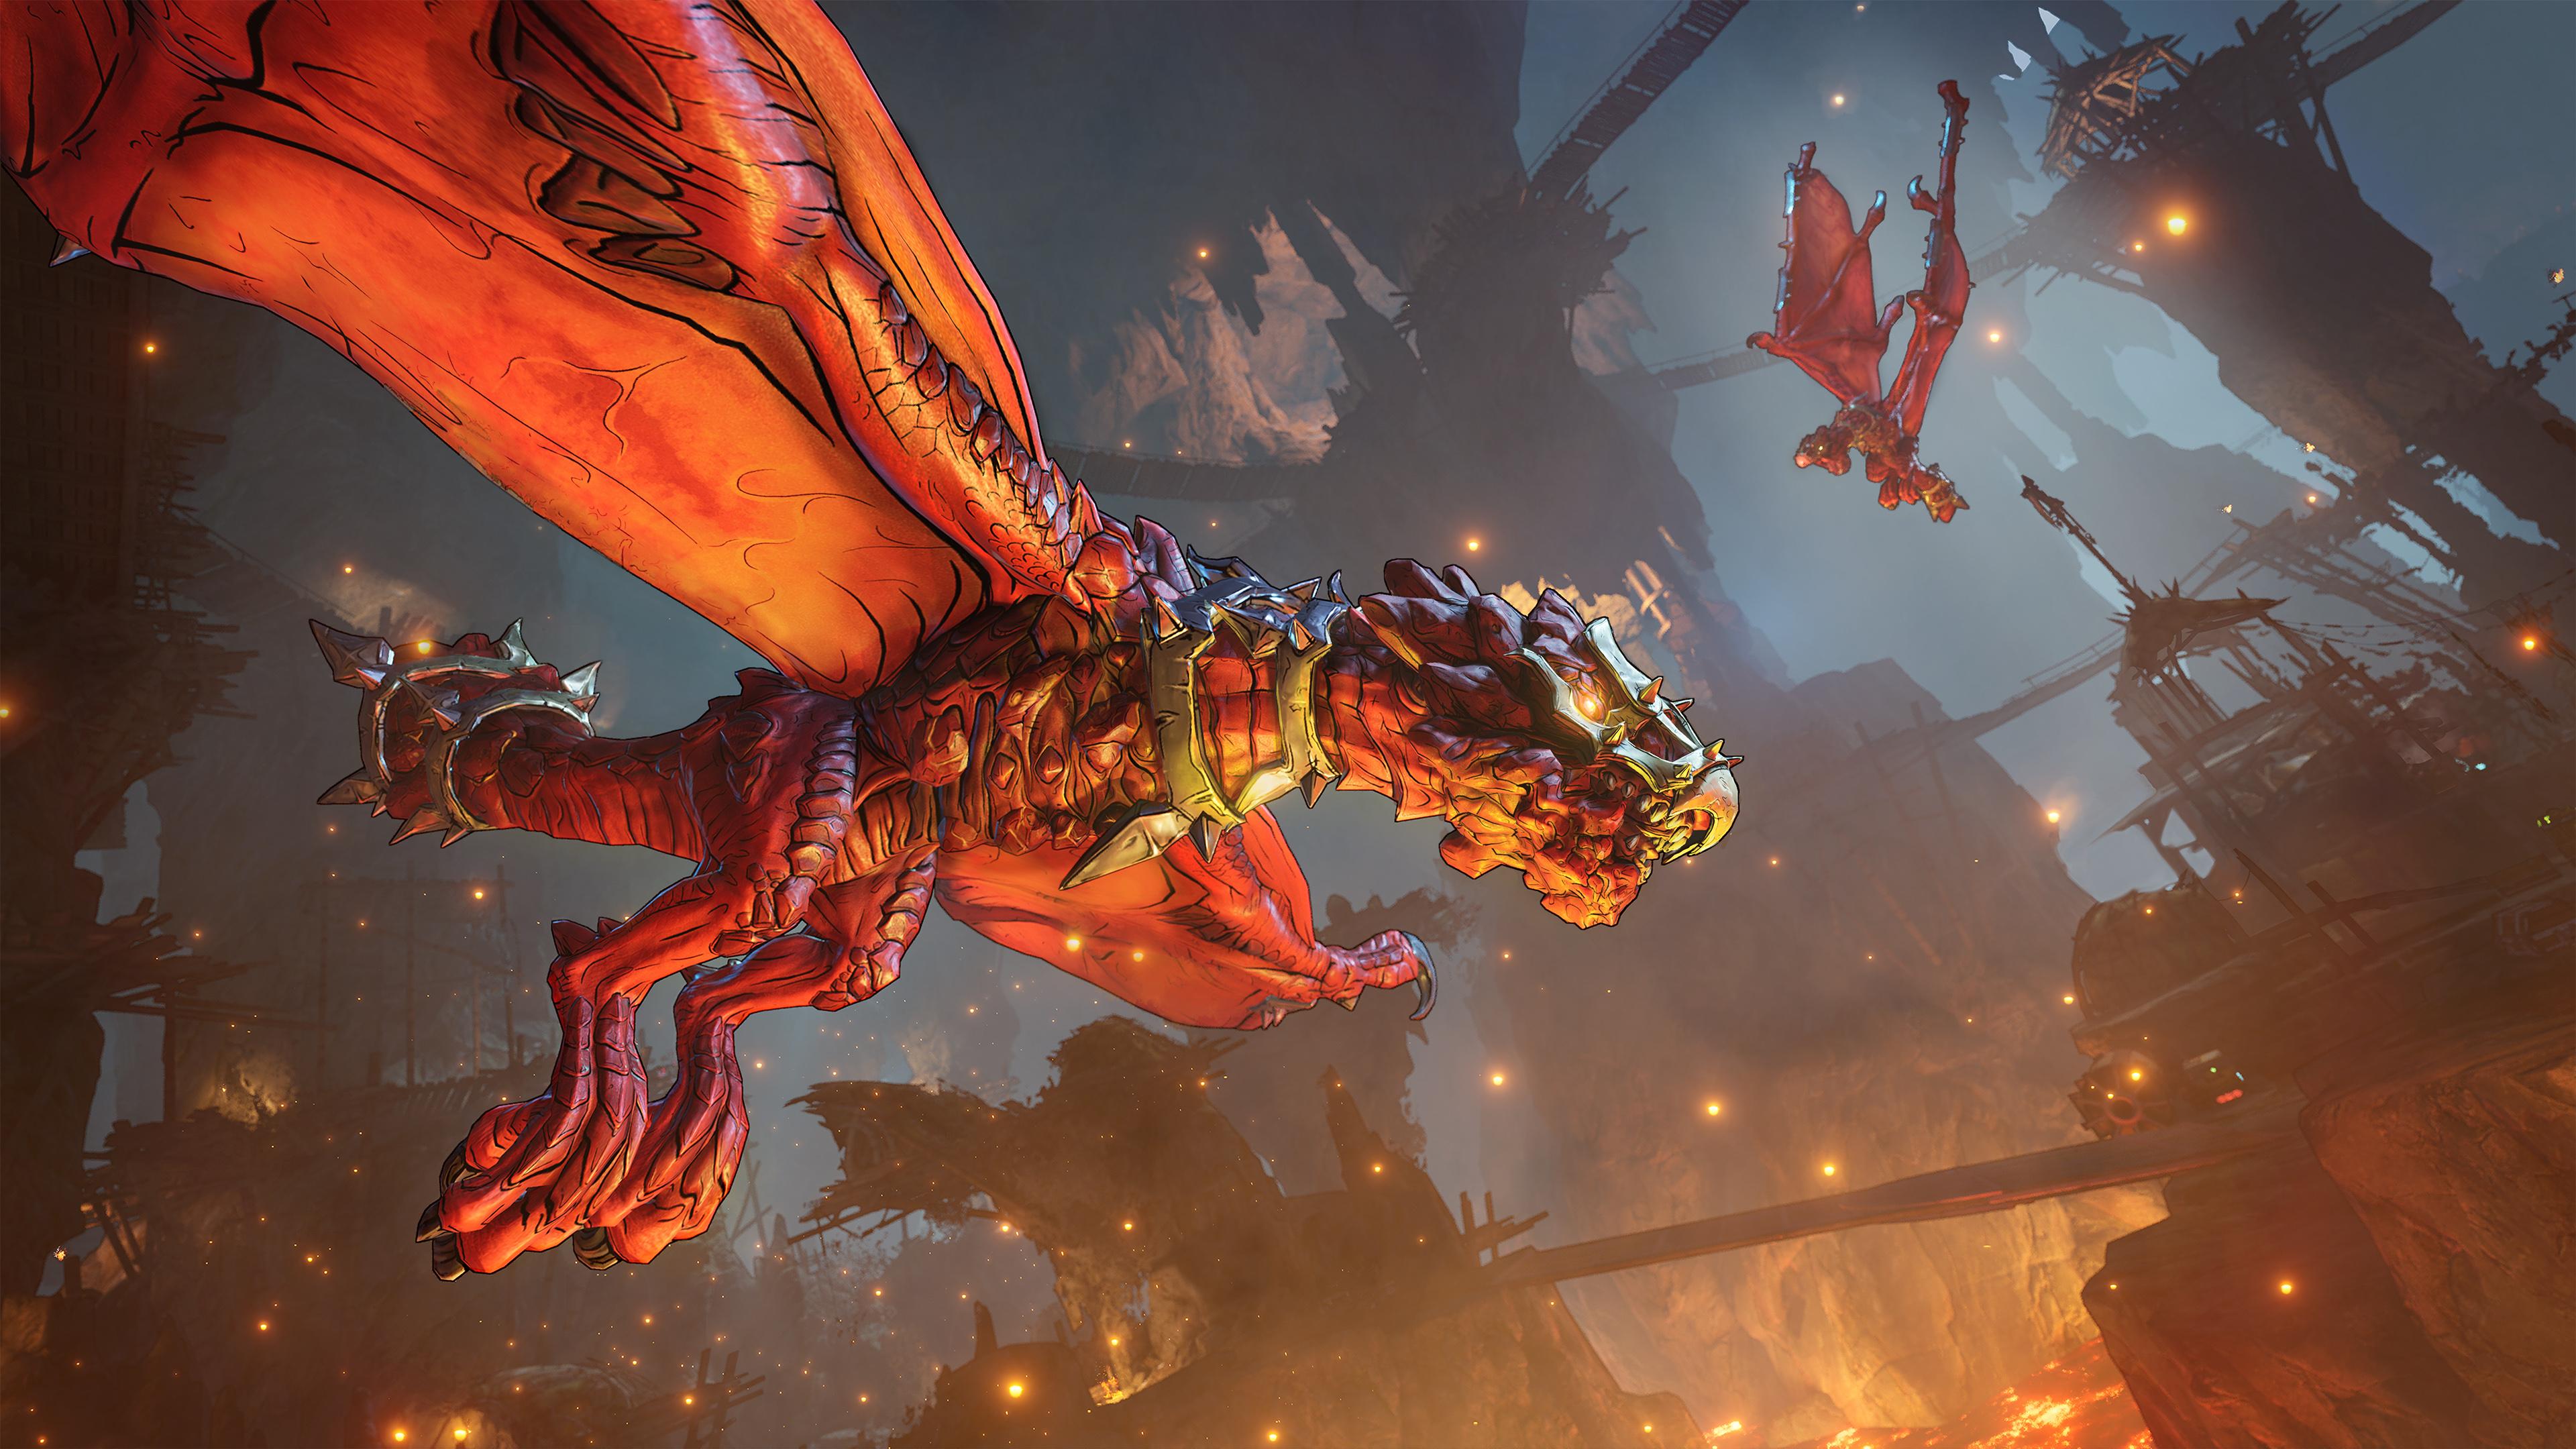 Скриншот №4 к Набор предзаказа «Tiny Tinas Wonderlands Хаотически крутое издание» для PS4 and PS5